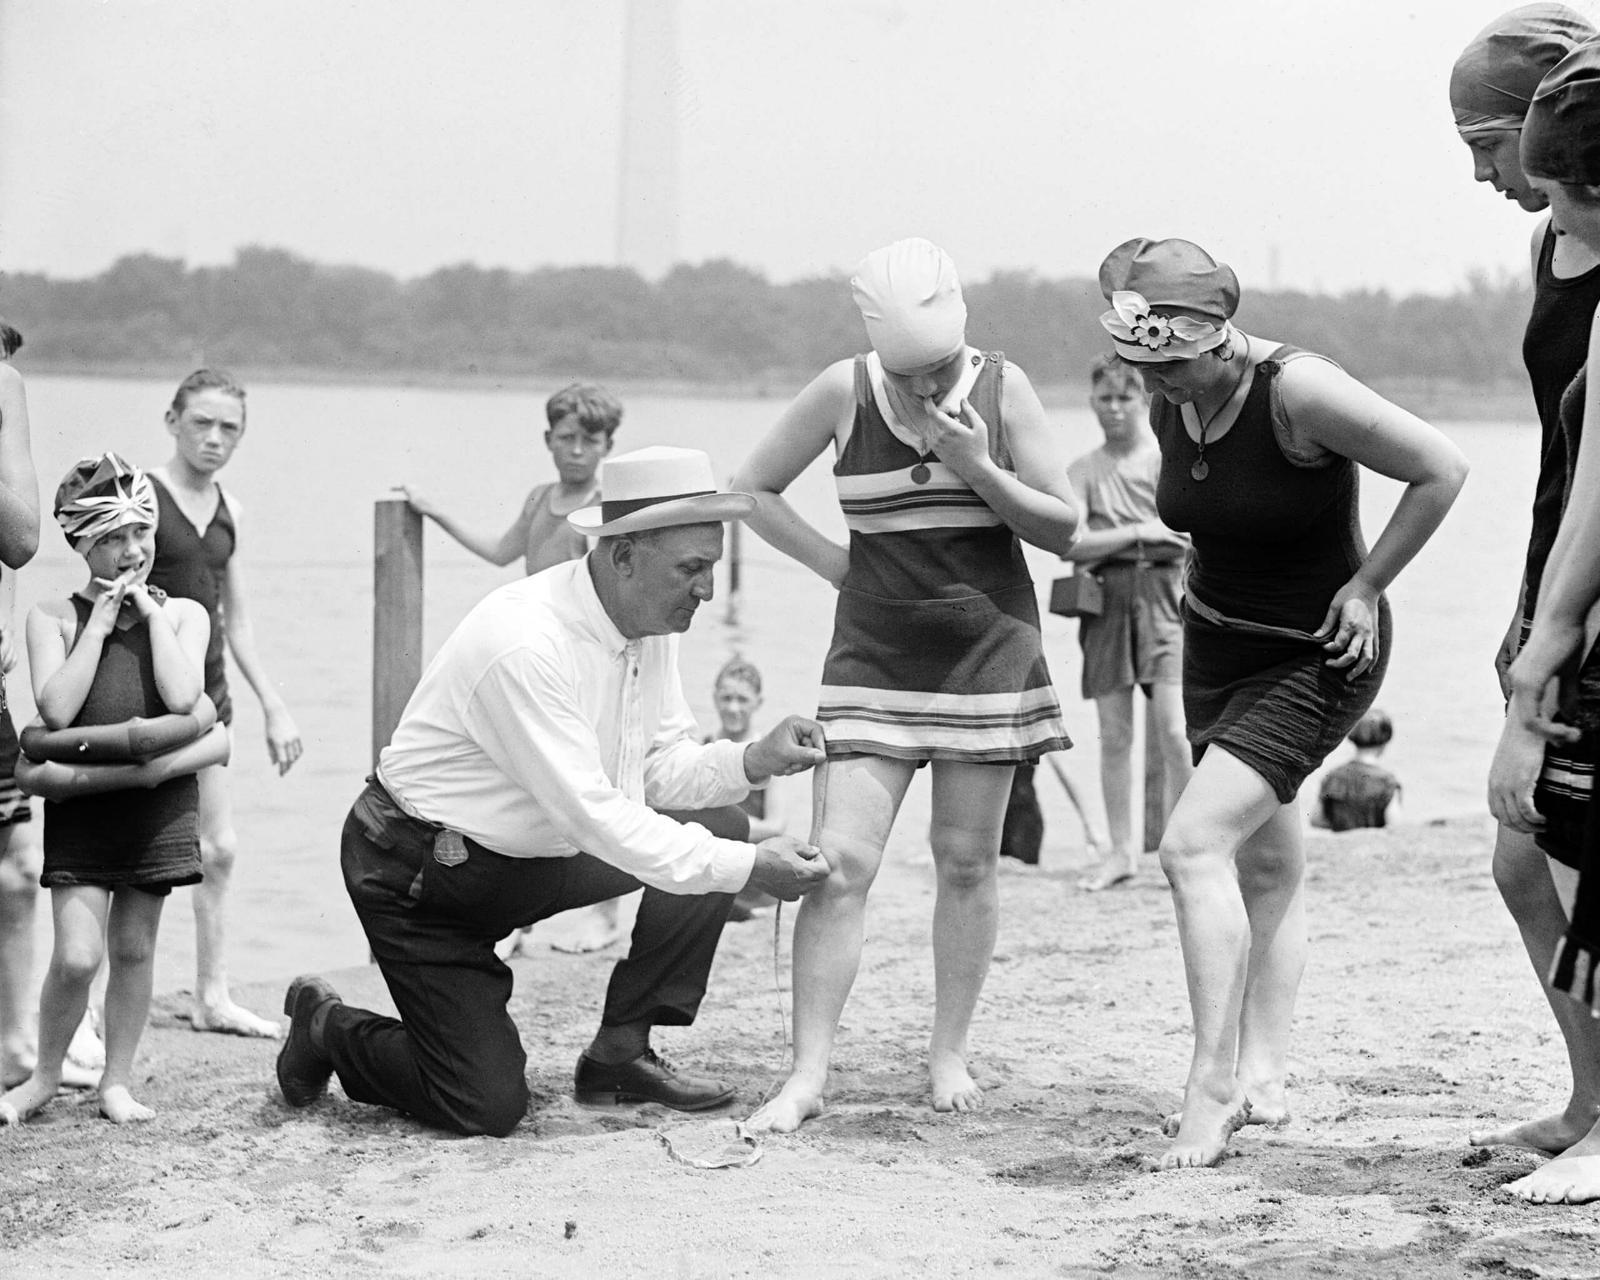 Пляжный патруль проверяет длину купальника, 1920-е гг.